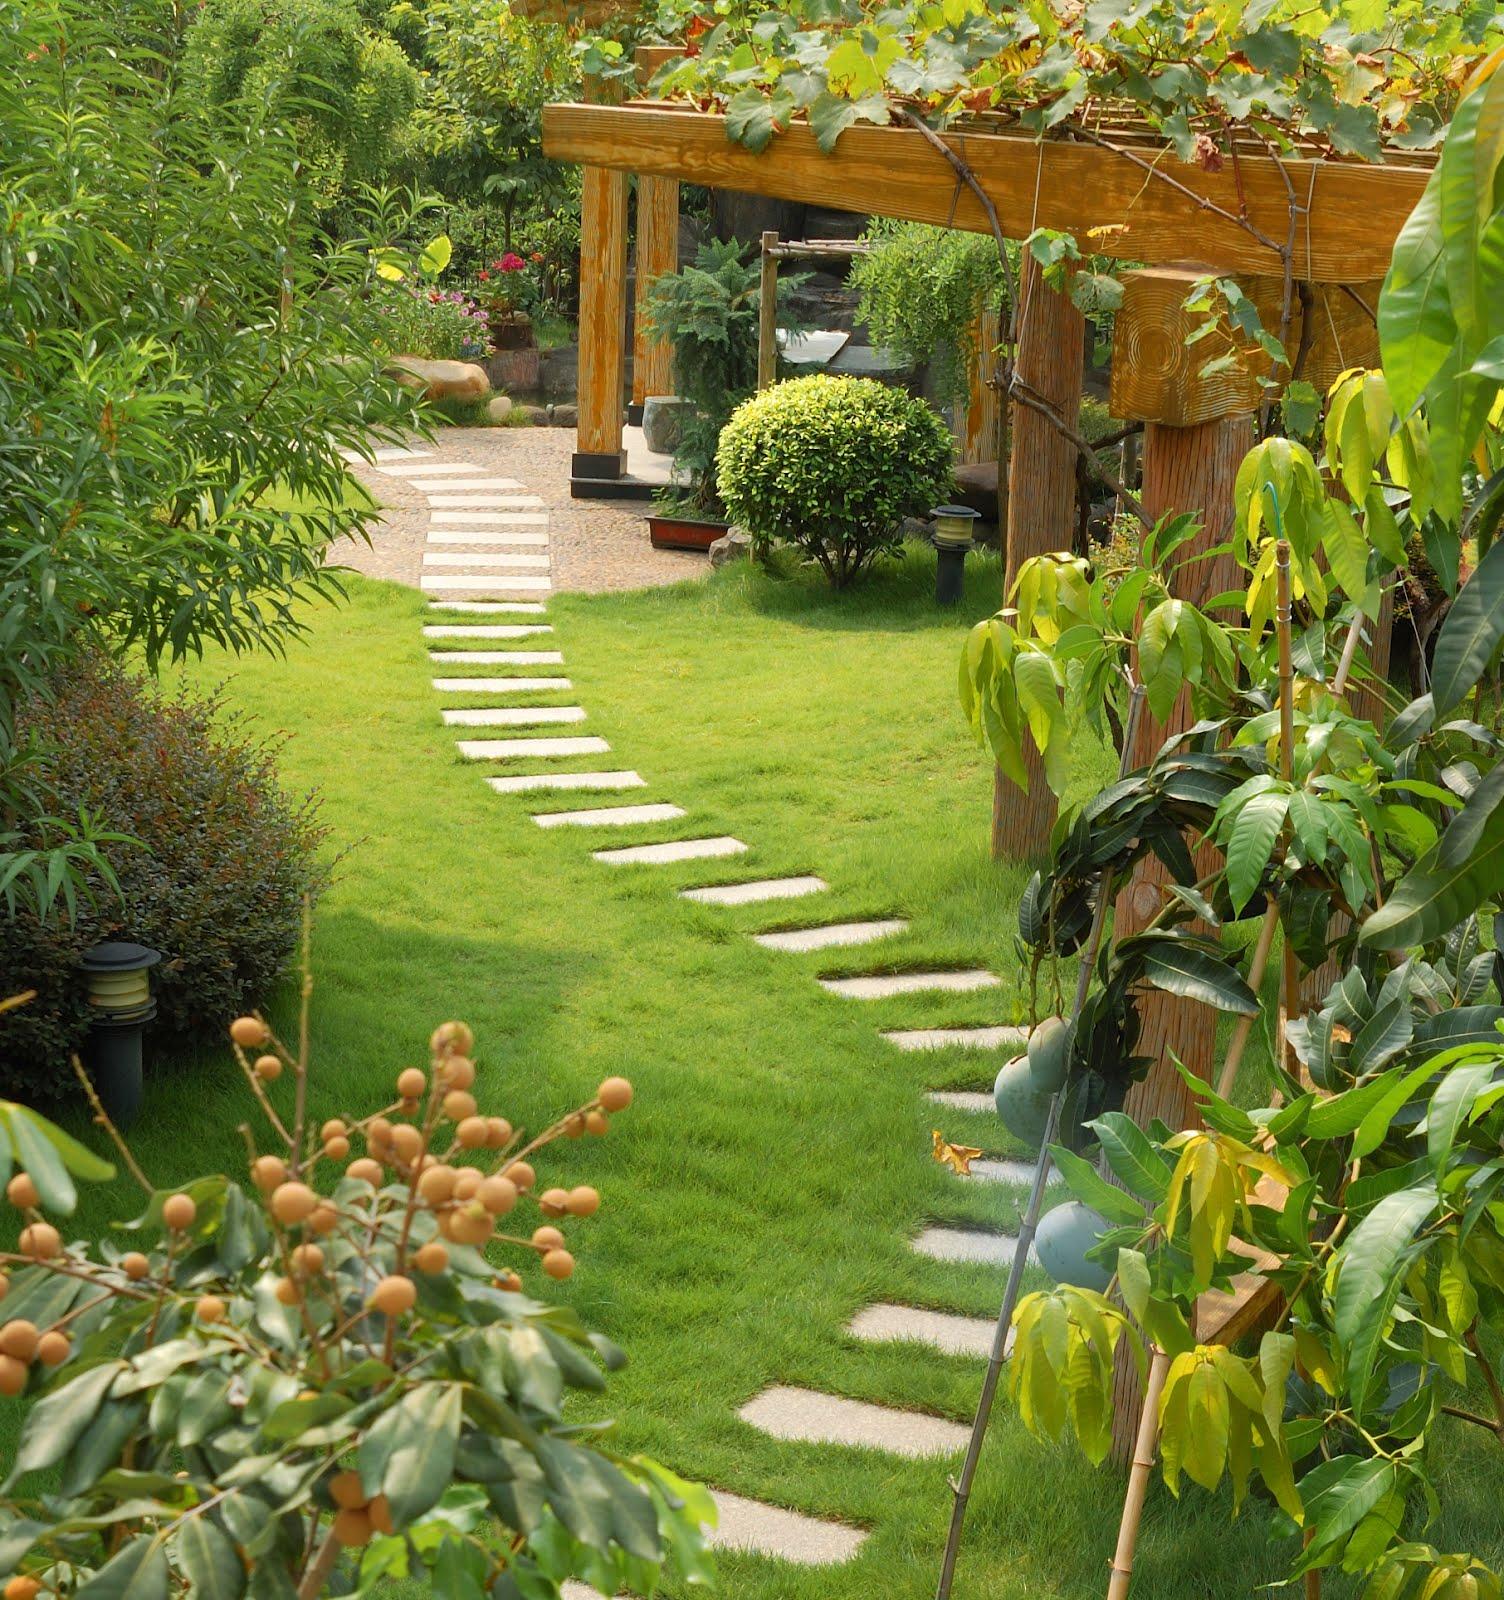 sprinkler juice landscaping your garden the first steps